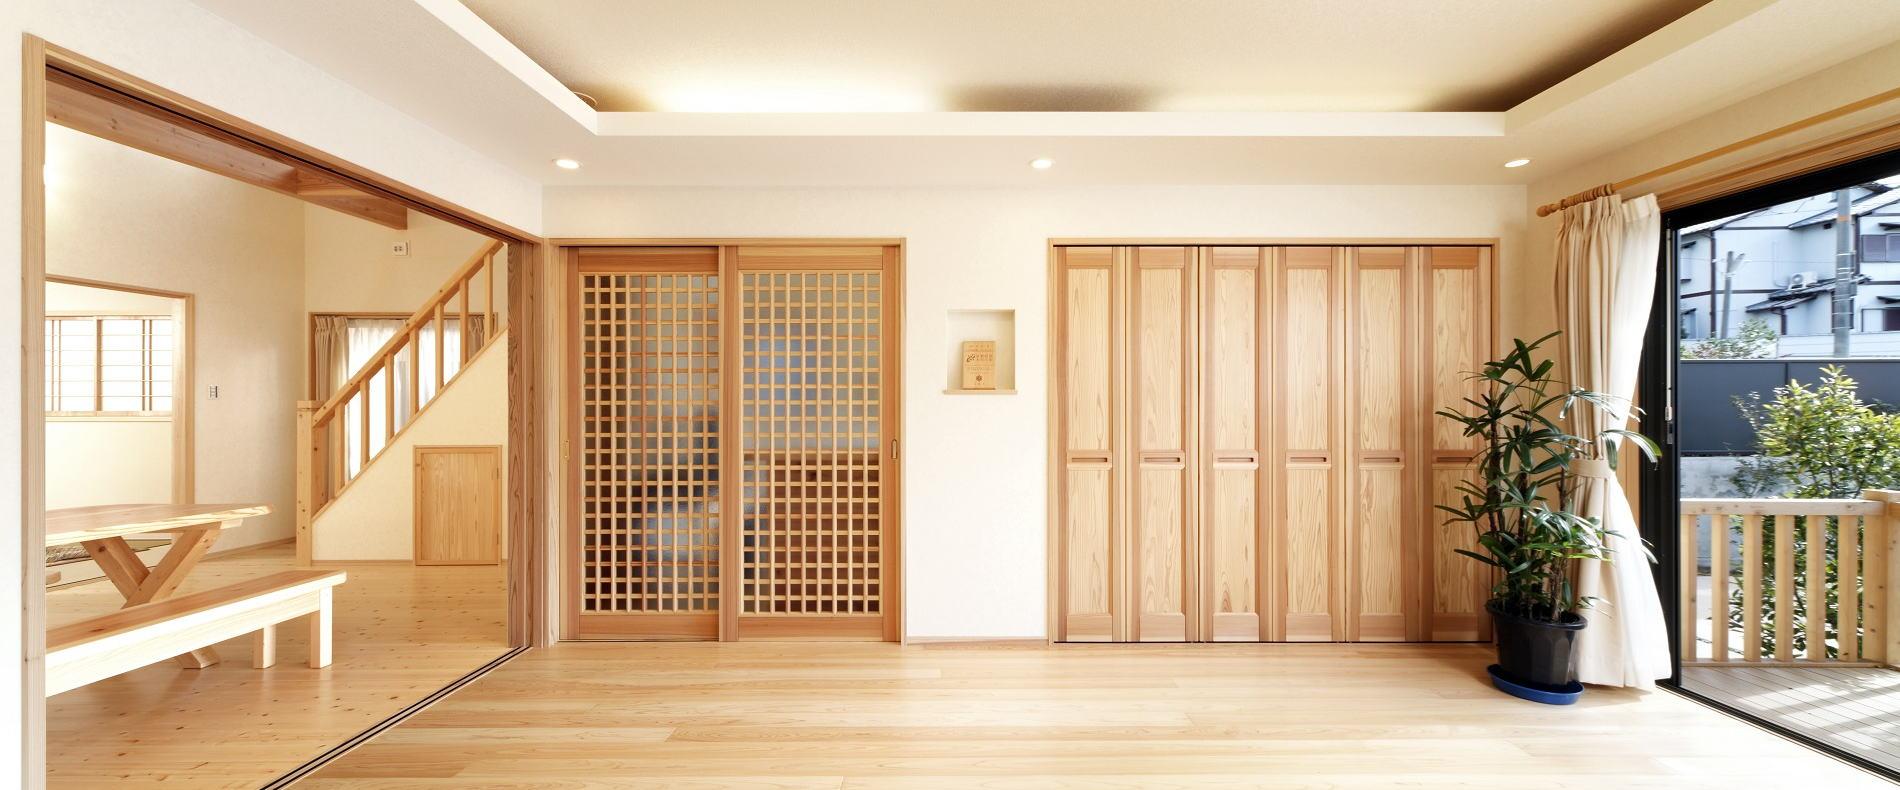 京都市伏見区 モデルハウス桃山の家